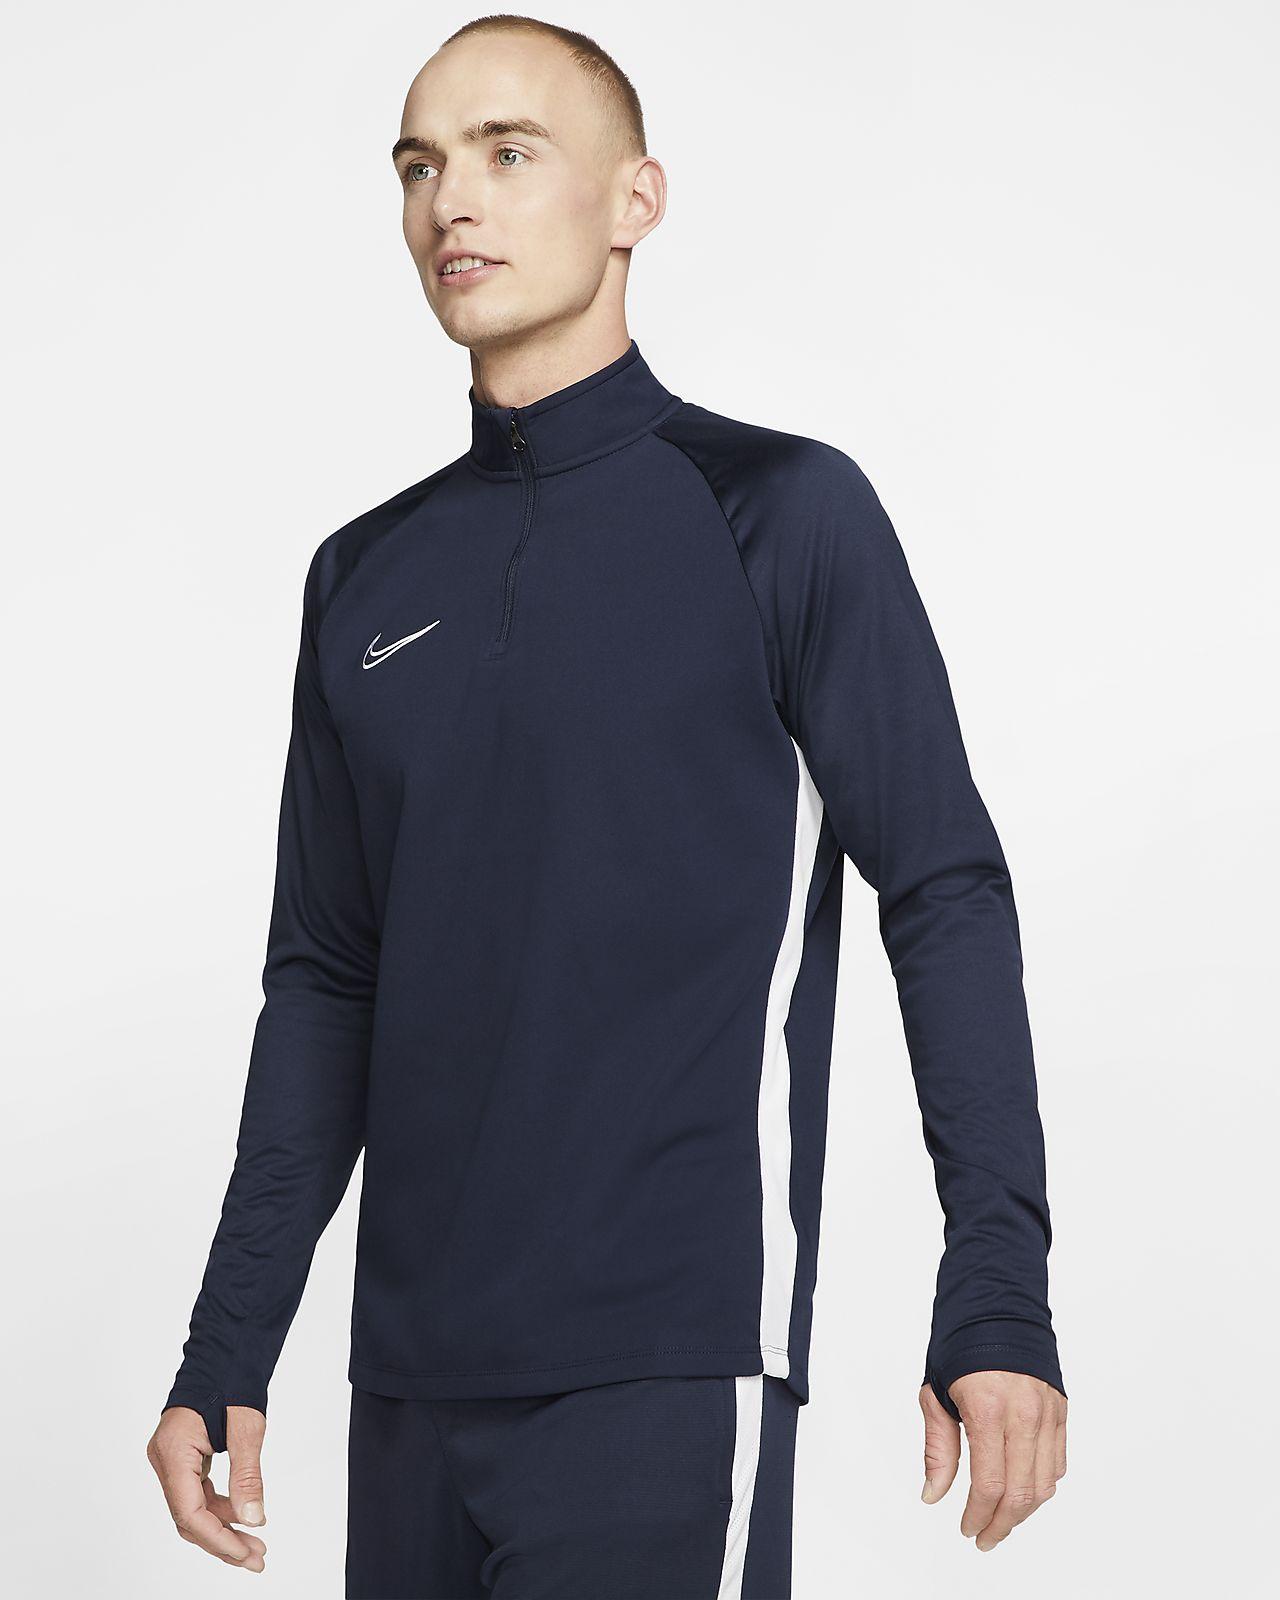 Haut de football Nike Dri FIT Academy pour Homme